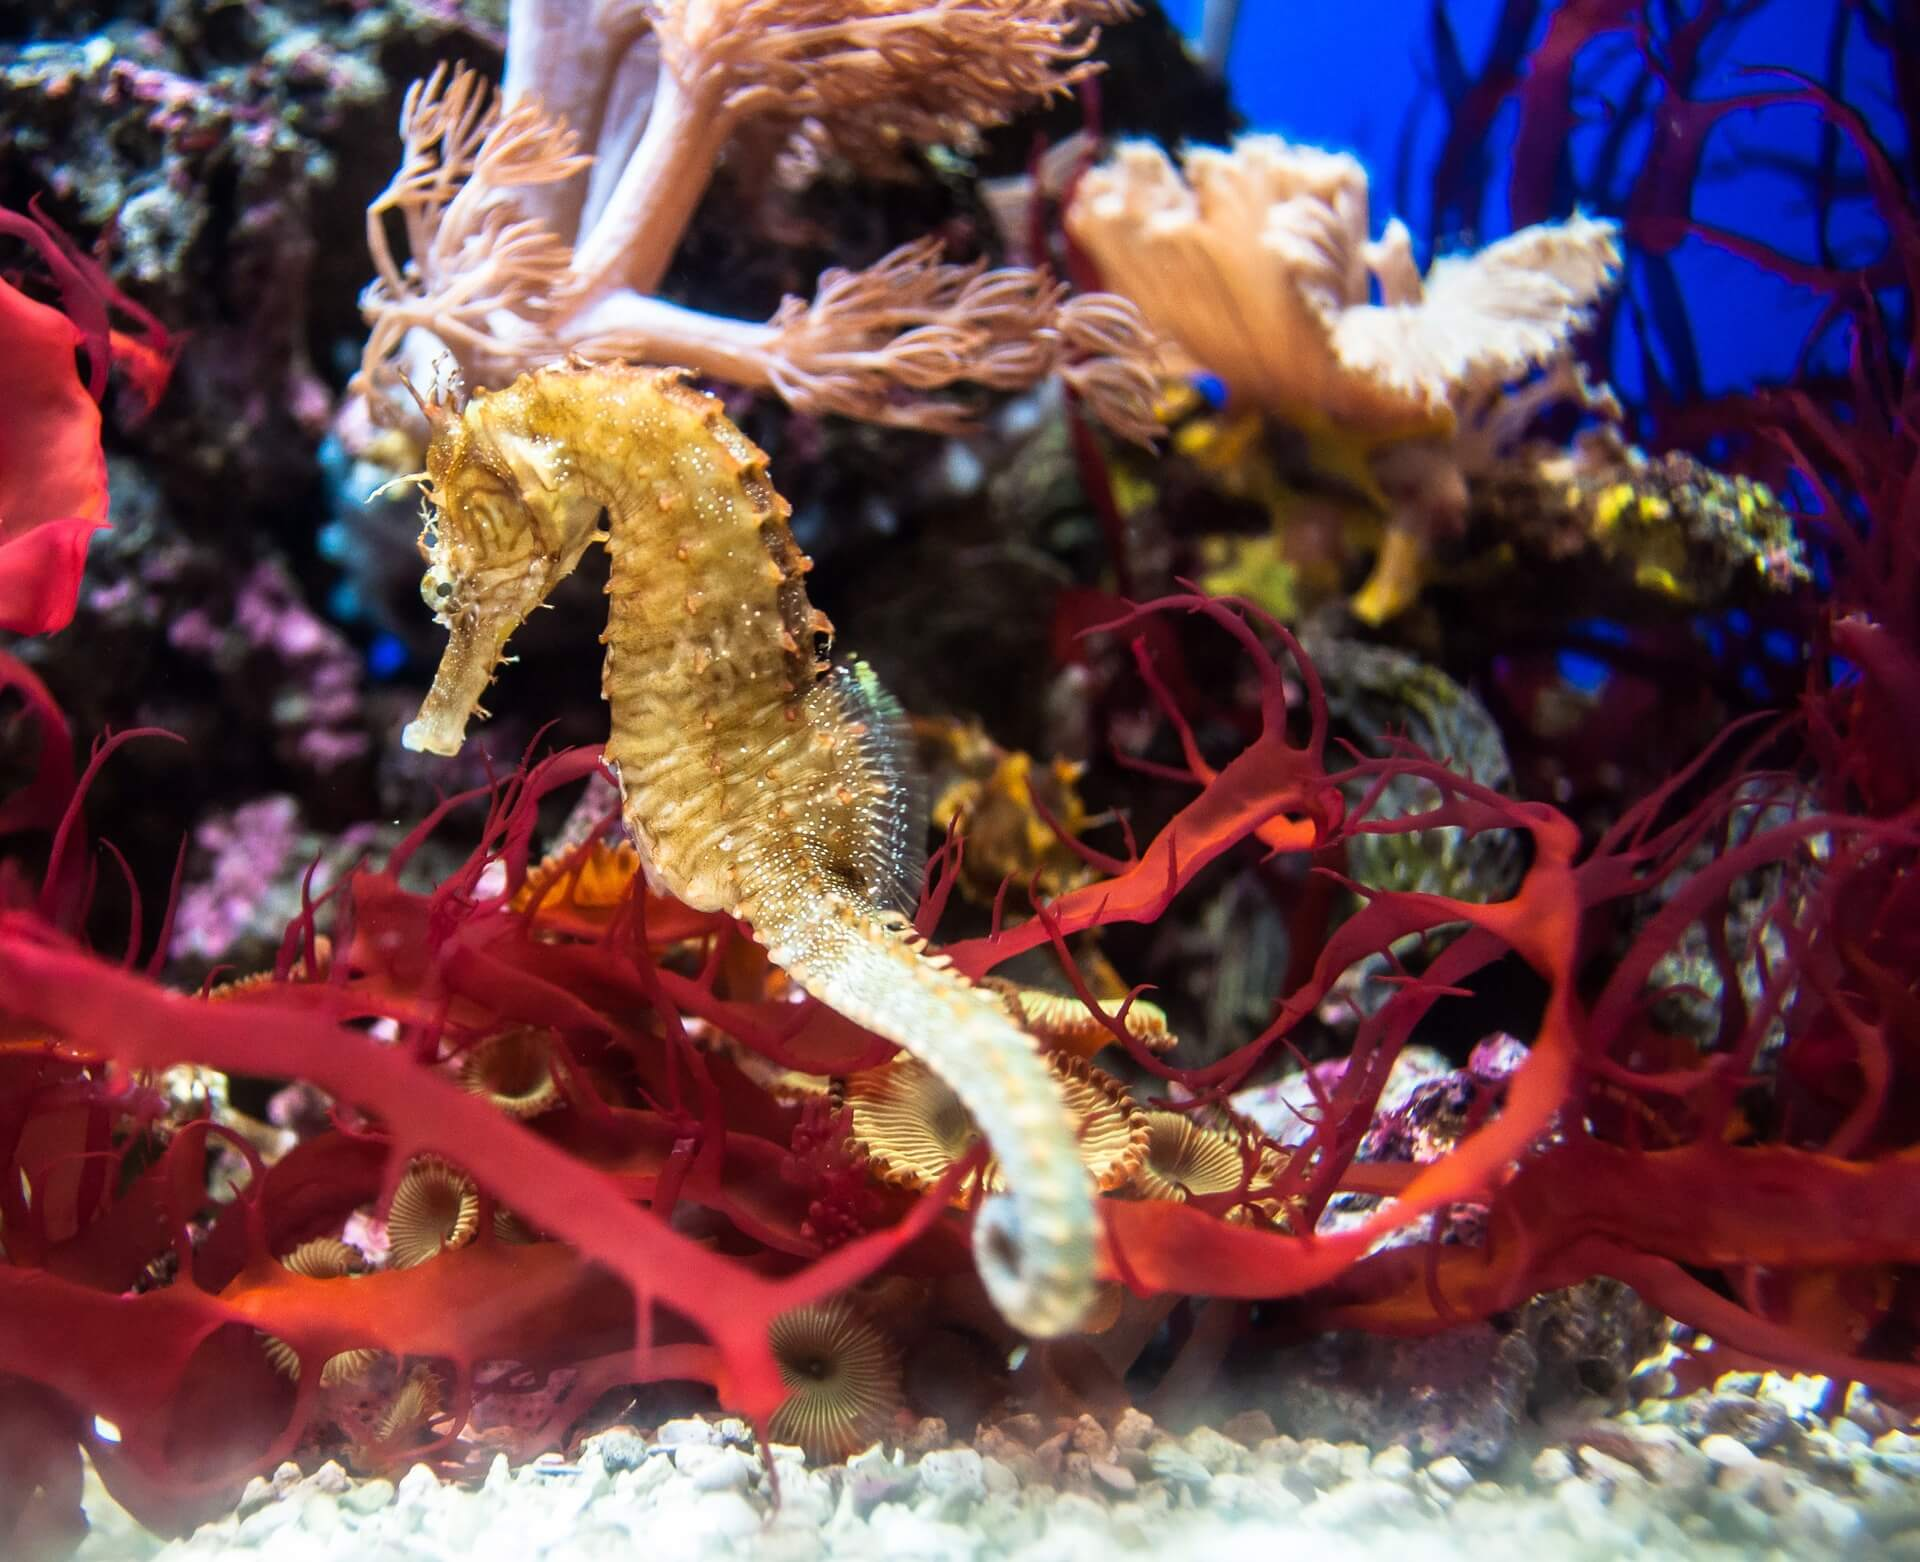 Hippocampe parmi les coraux